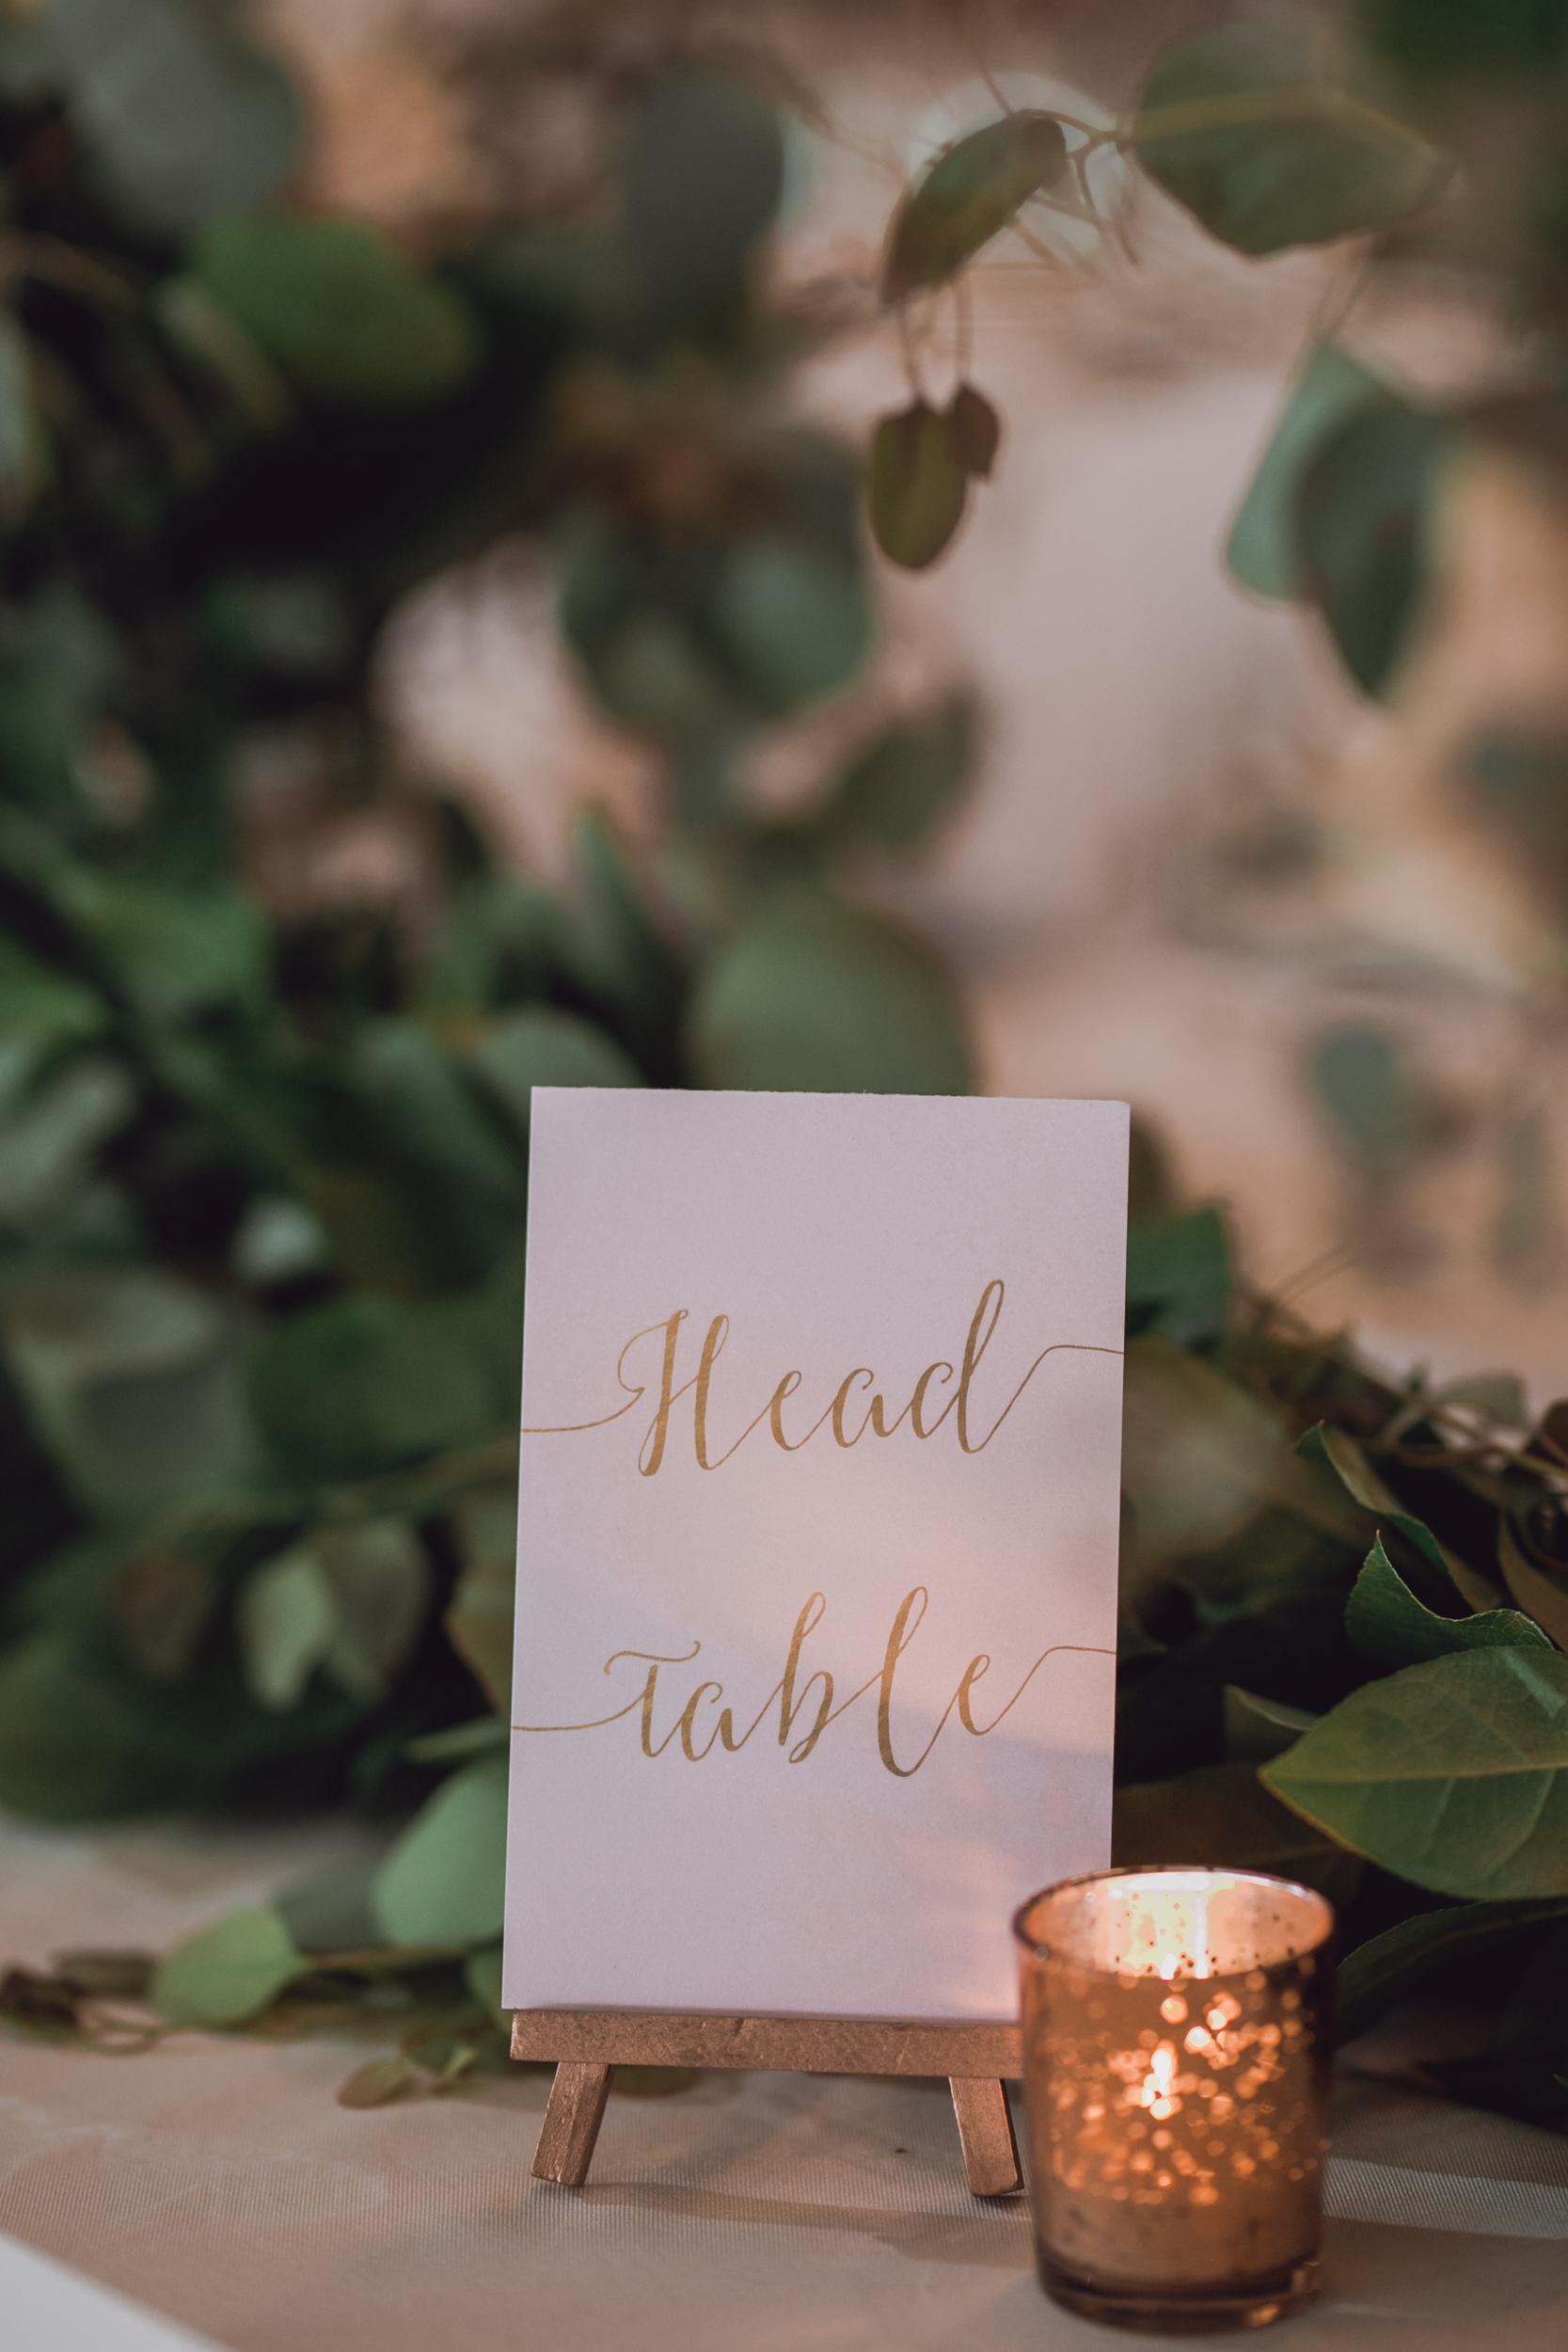 dellwood country club wedding*, Dellwood Country Club*, golf course wedding*, green golf course*, rose pink wedding details*-www.rachelsmak.com53.jpg